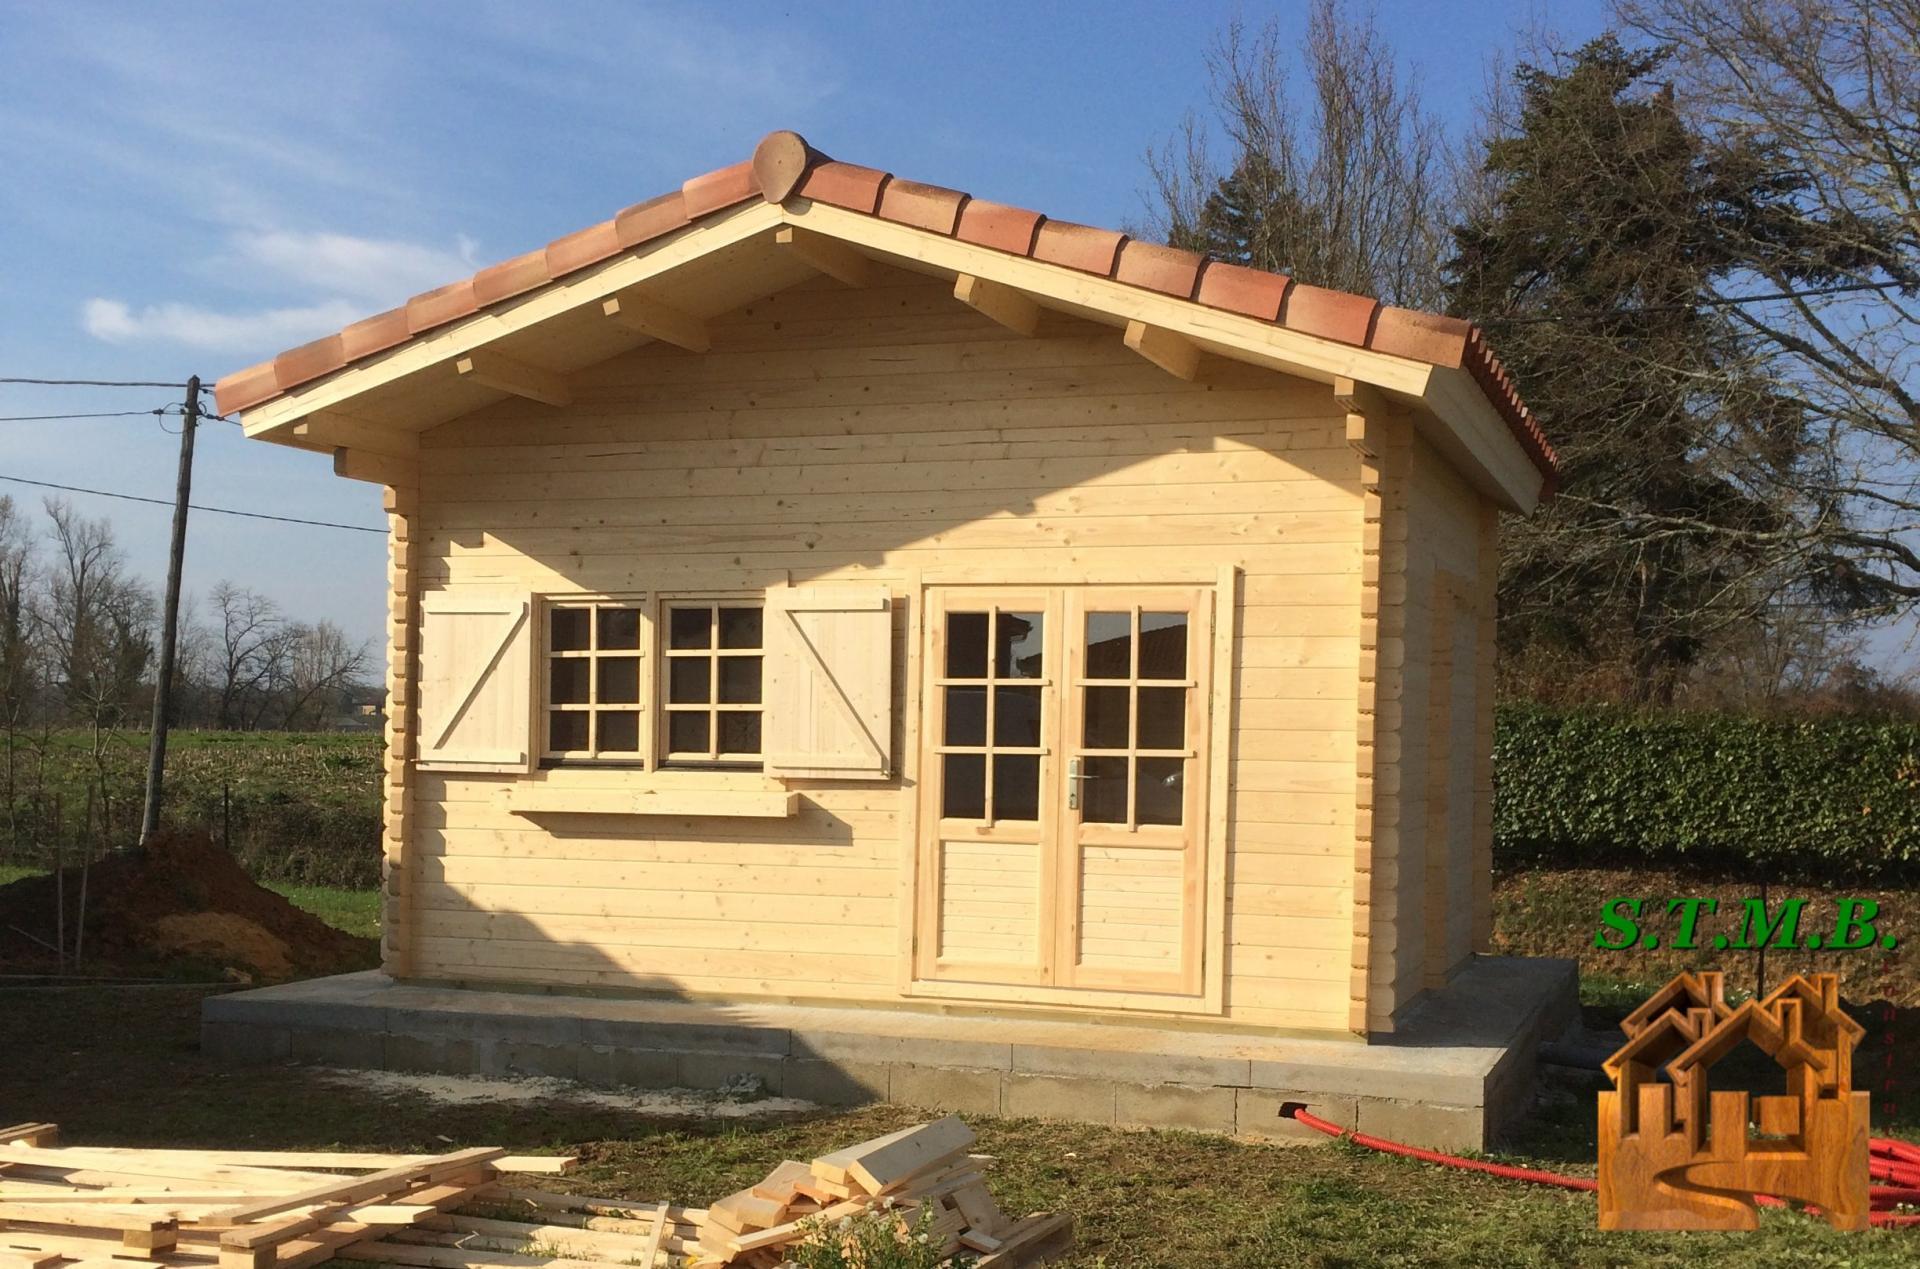 Fabricant Constructeur De Kits Chalets En Bois Habitables - Stmb encequiconcerne Chalet En Bois Habitable D Occasion